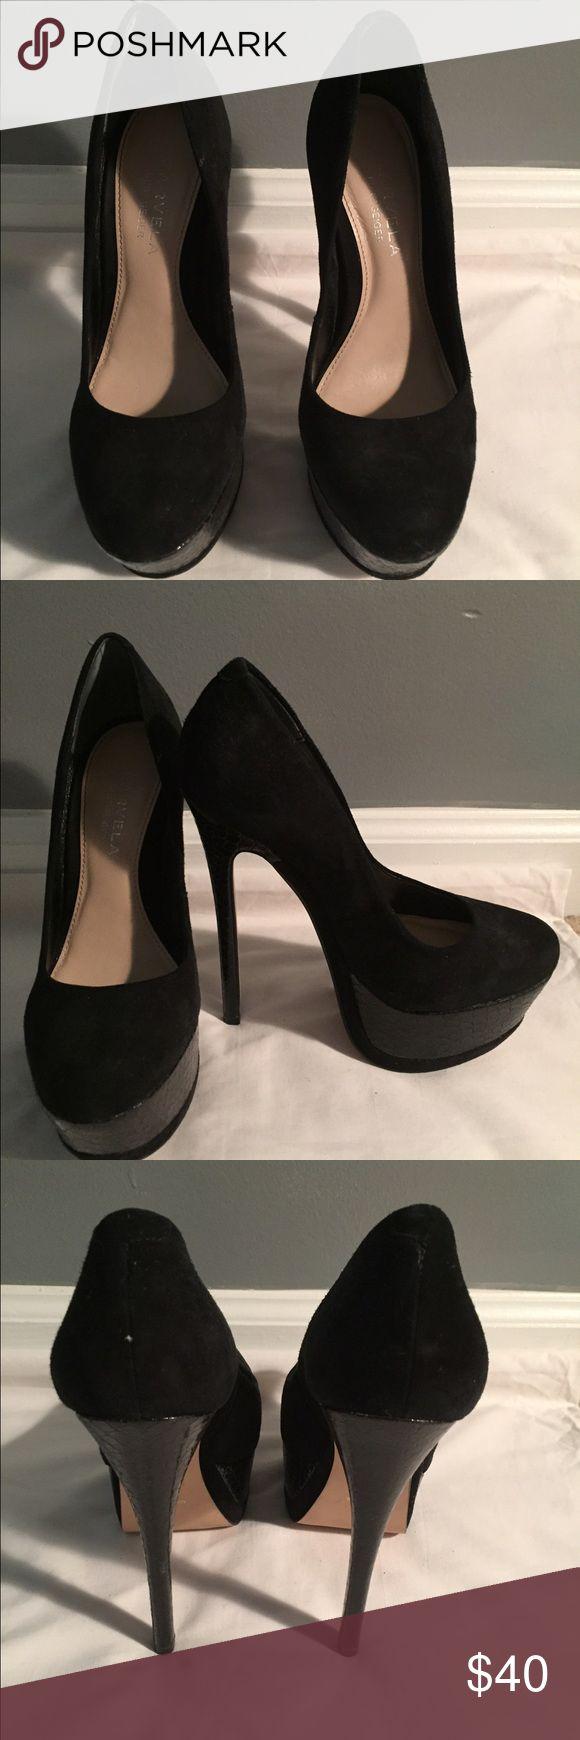 Black Suede Kurt Geiger carvela heels size 6 Black Suede pumps with patent detailing on platform and heel kurt geiger Shoes Heels